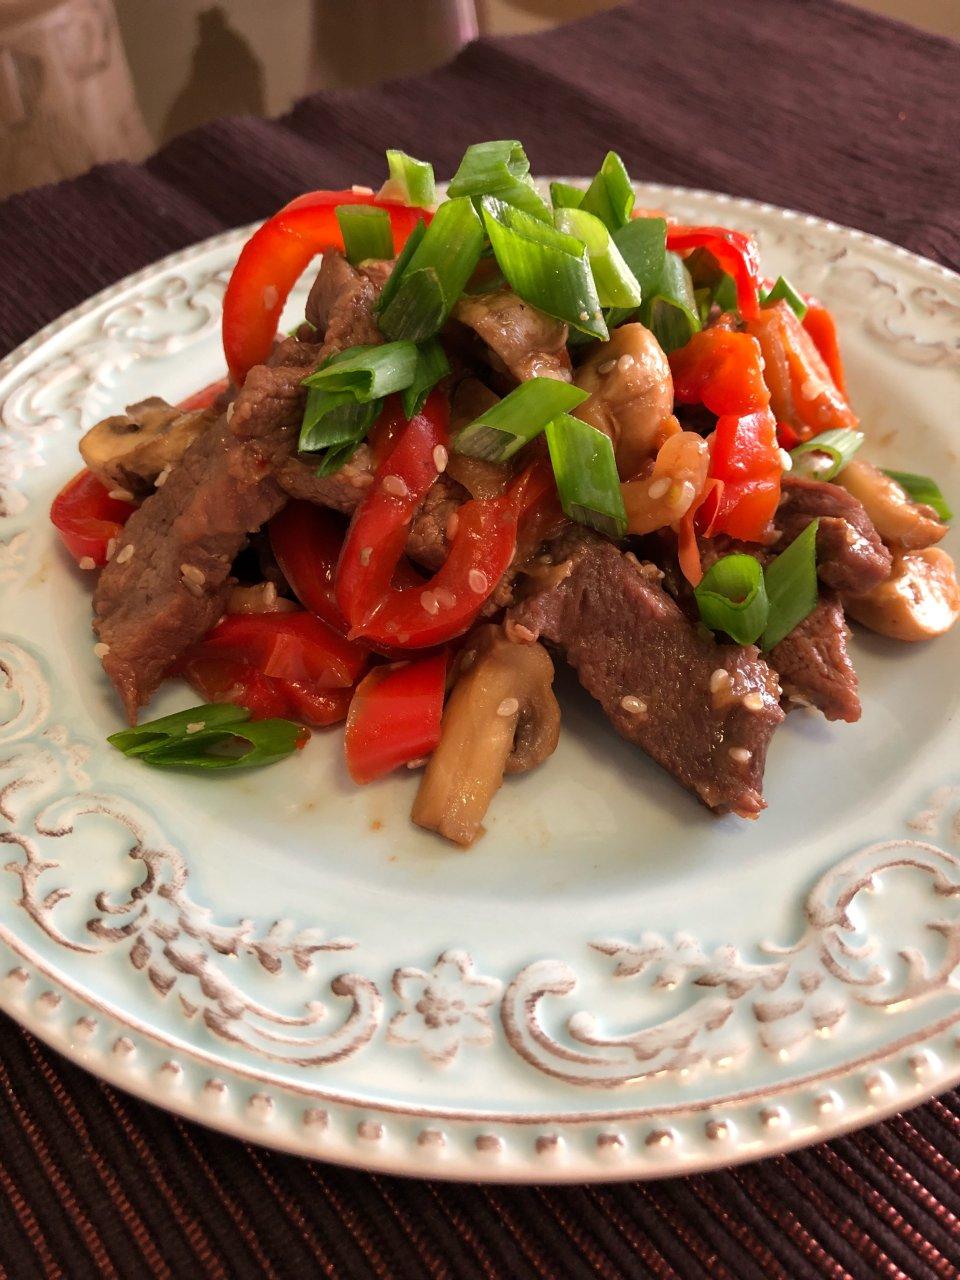 Говядина с овощами с стиле стир-фрай